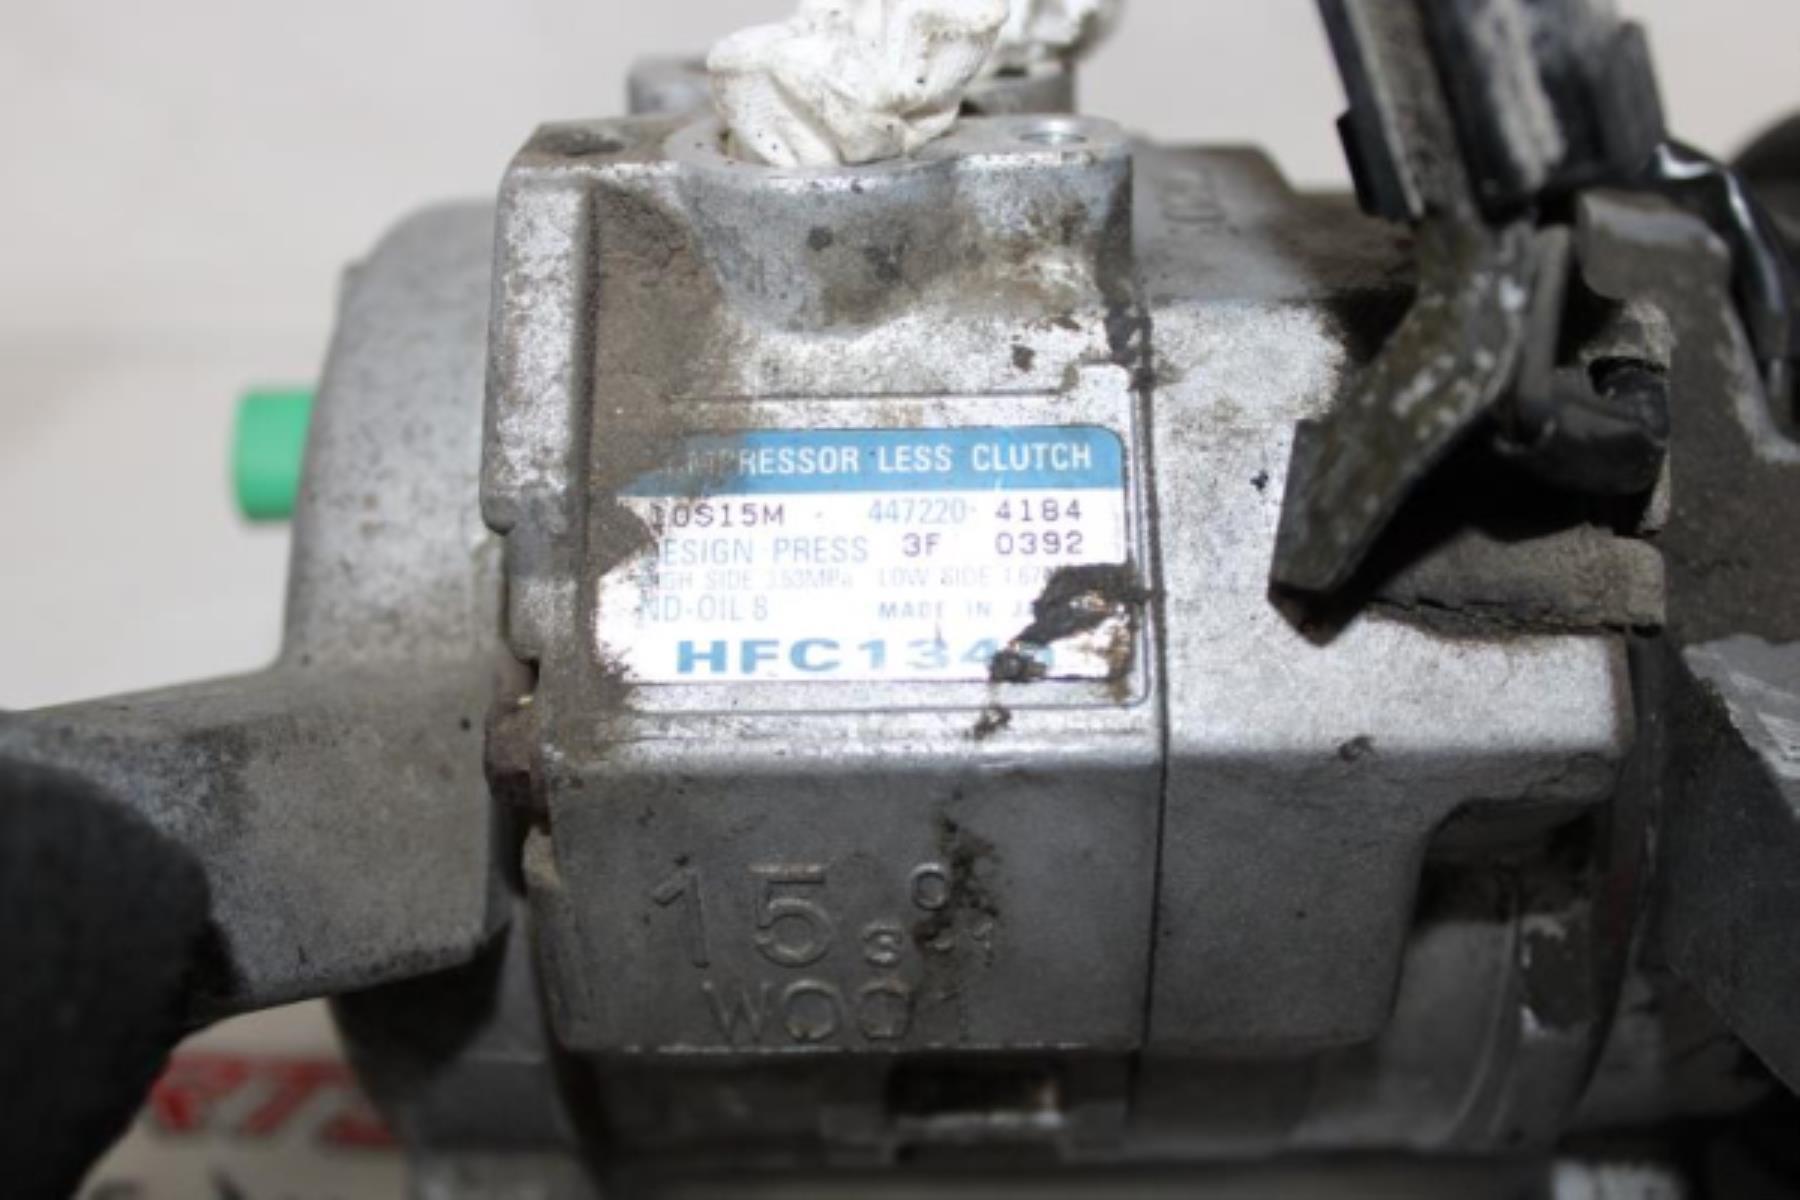 Εικόνα από Κομπρεσέρ Air Condition  CHRYSLER PT CRUISER (2001-2005)  447220-4184